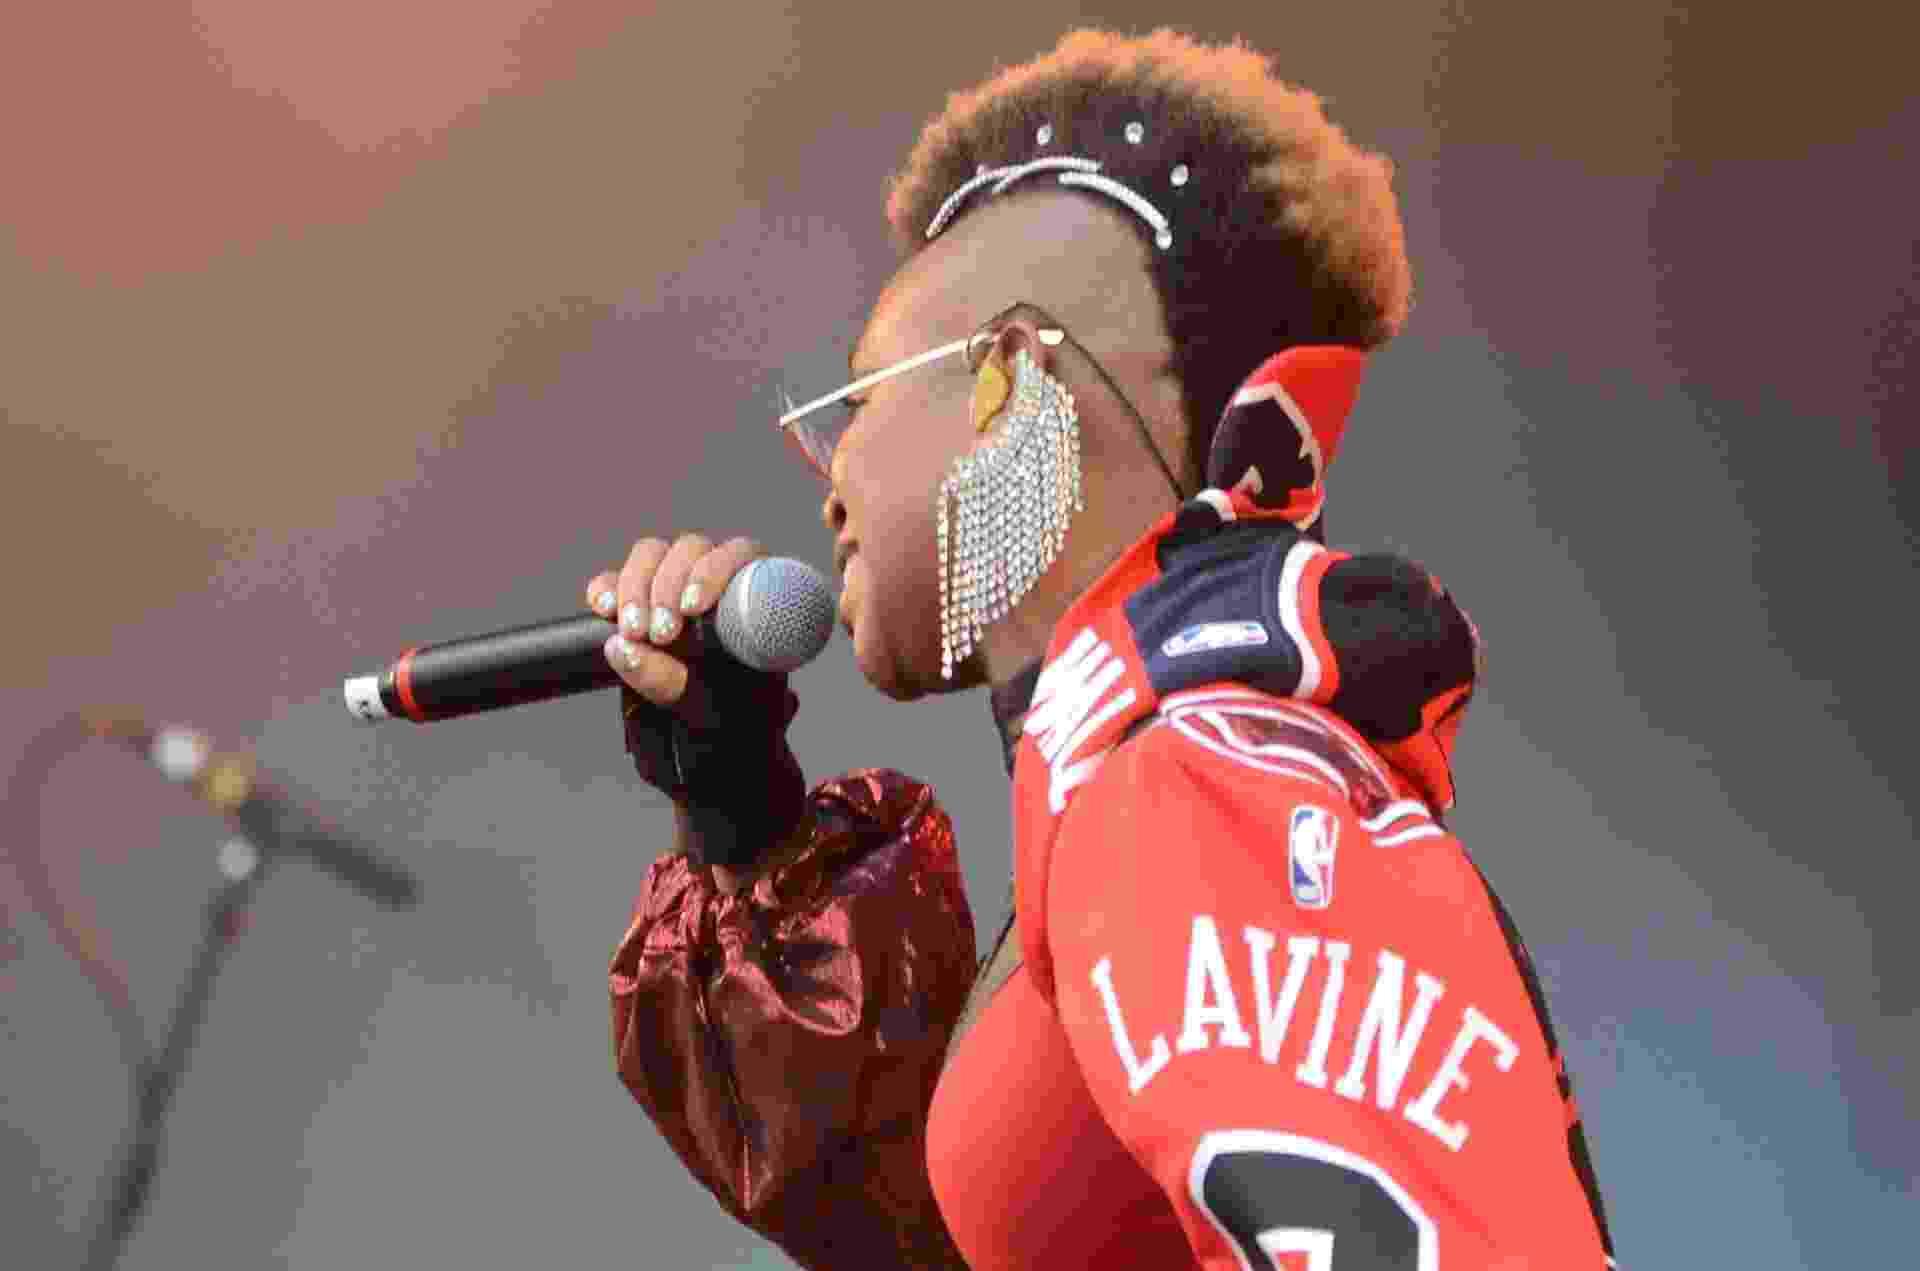 A cantora Karol Conka é conhecida por mudar com frequência de penteado. Para seu show no primeiro dia do Rock in Rio 2019, nesta sexta-feira (27), exibiu um moicano - Adriano Ishibashi/FramePhoto/Estadão Conteúdo